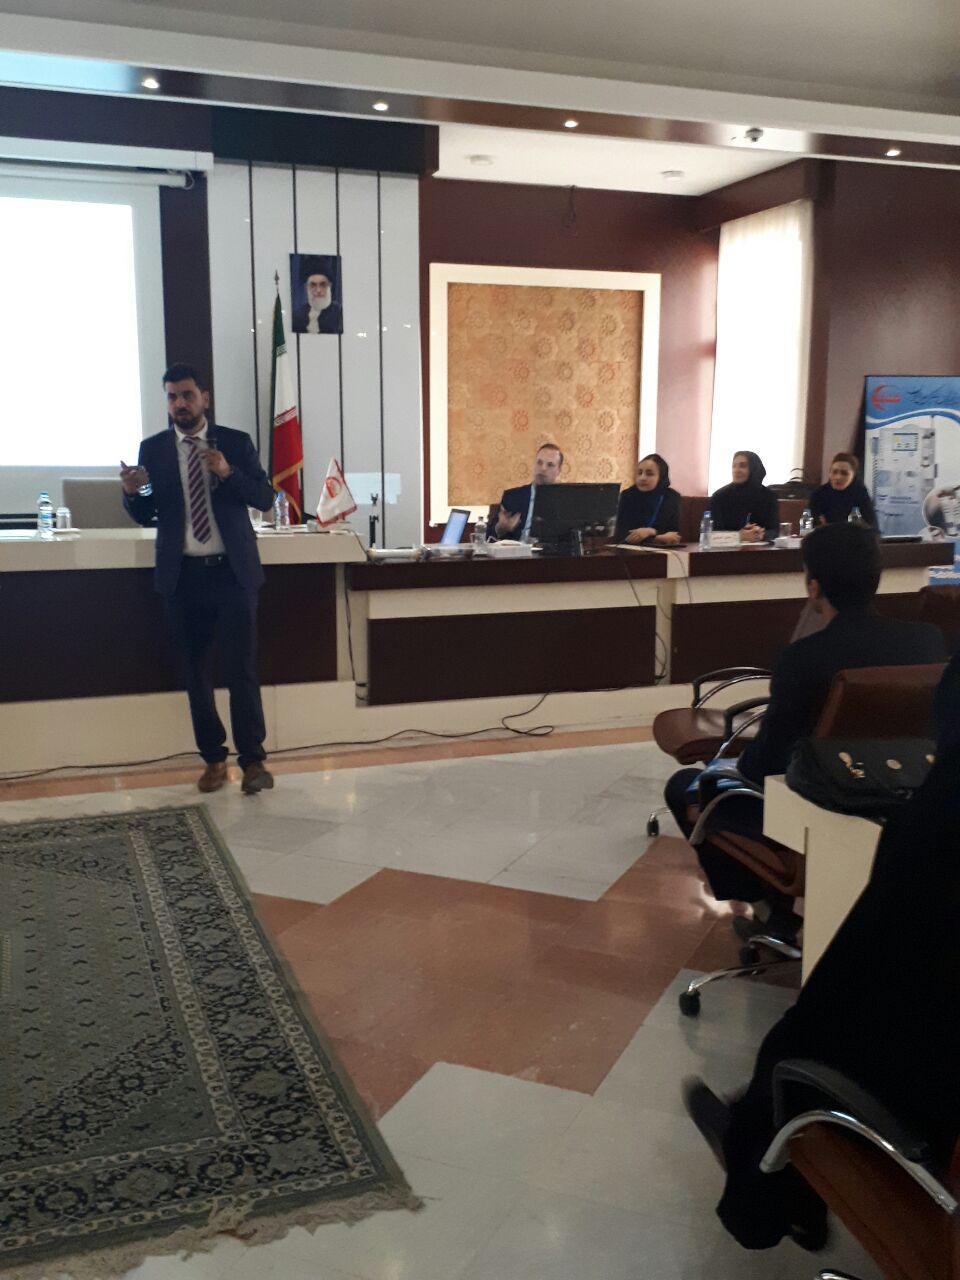 برگزاری سمینار آموزش پرستاری دستگاه های دیالیز  4008s Classic فرزنیوس در مشهد 22